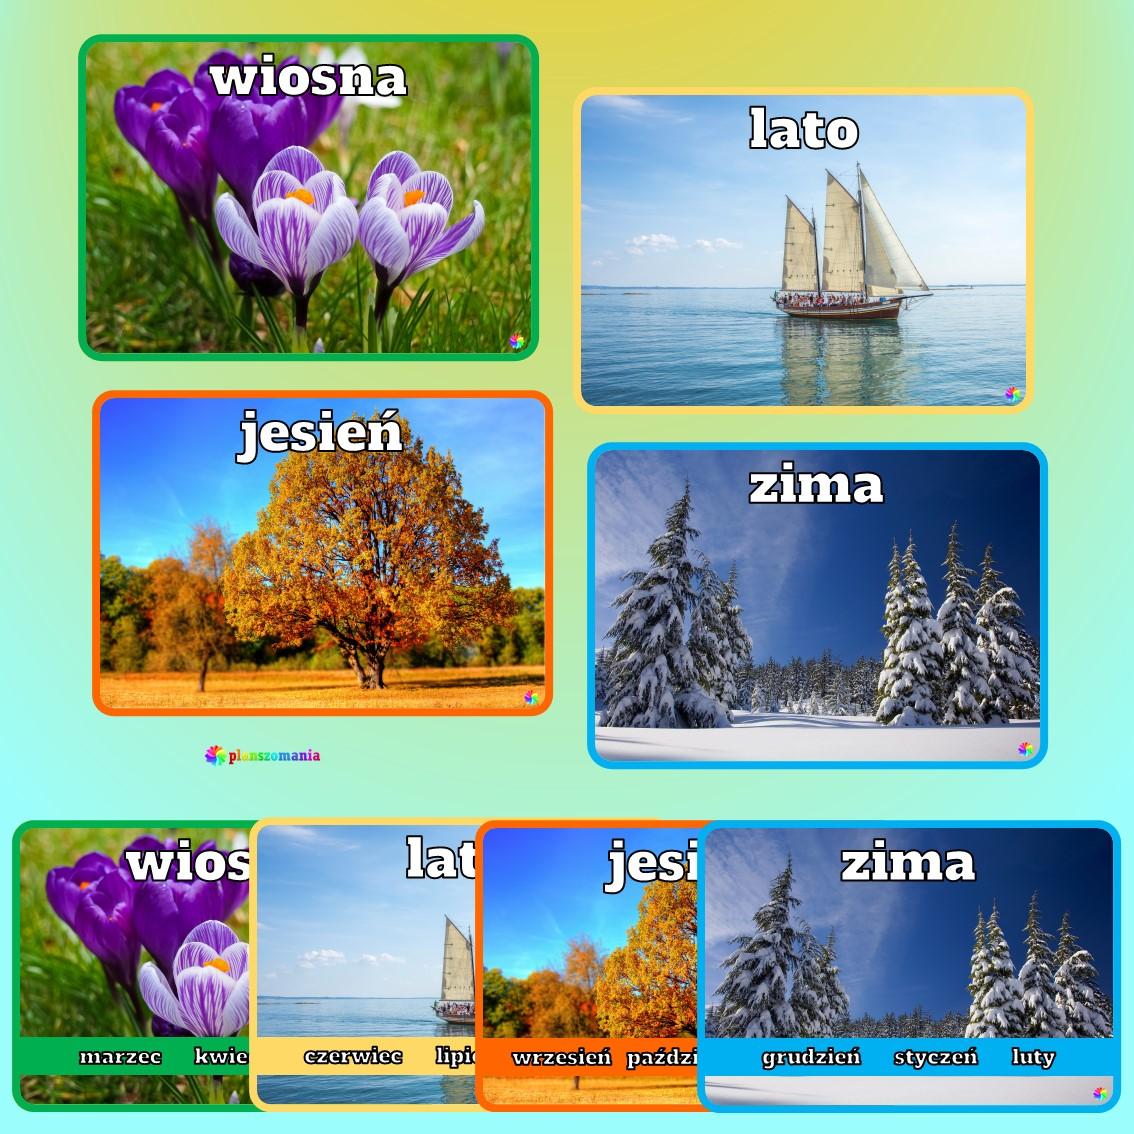 cztery pory roku edukacja wczesnoszkolna przedszkole do druku pdf zabawy i gry dla dzieci plansze edukacyjne materiały dydaktyczne jesień zima wiosna